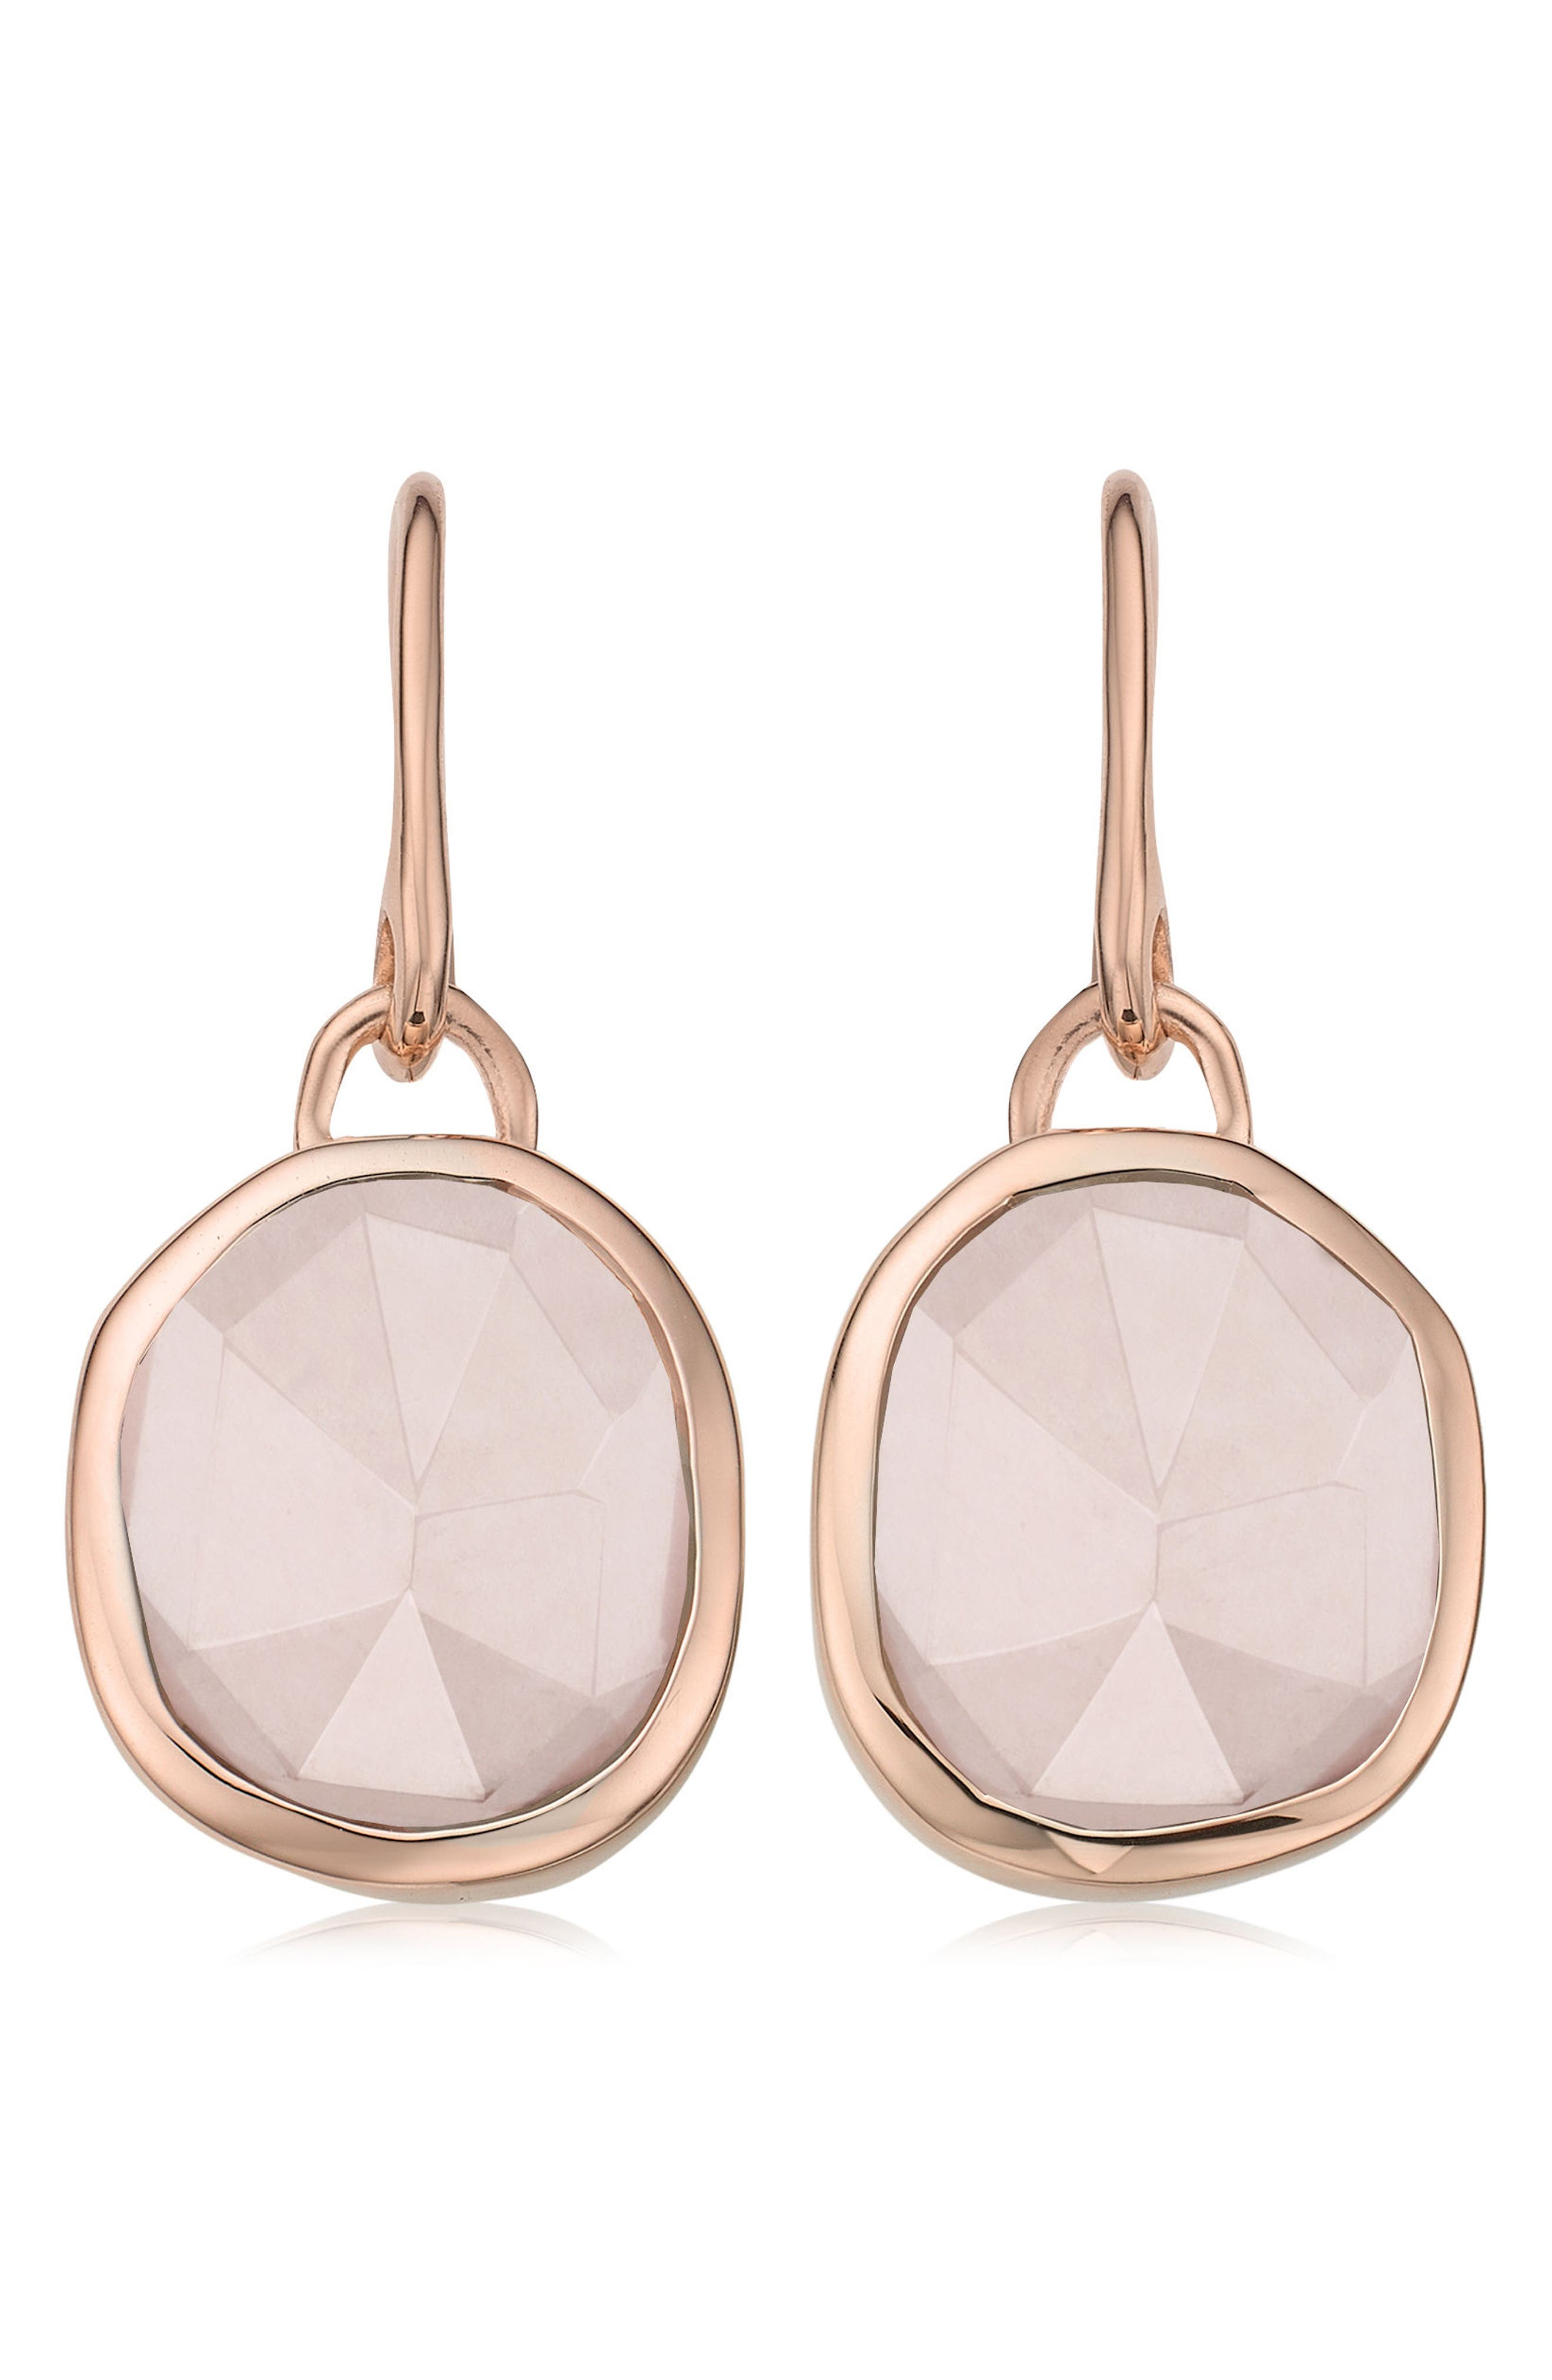 Siren Semiprecious Stone Drop Earrings,                             Main thumbnail 1, color,                             Rose Gold/ Rose Quartz